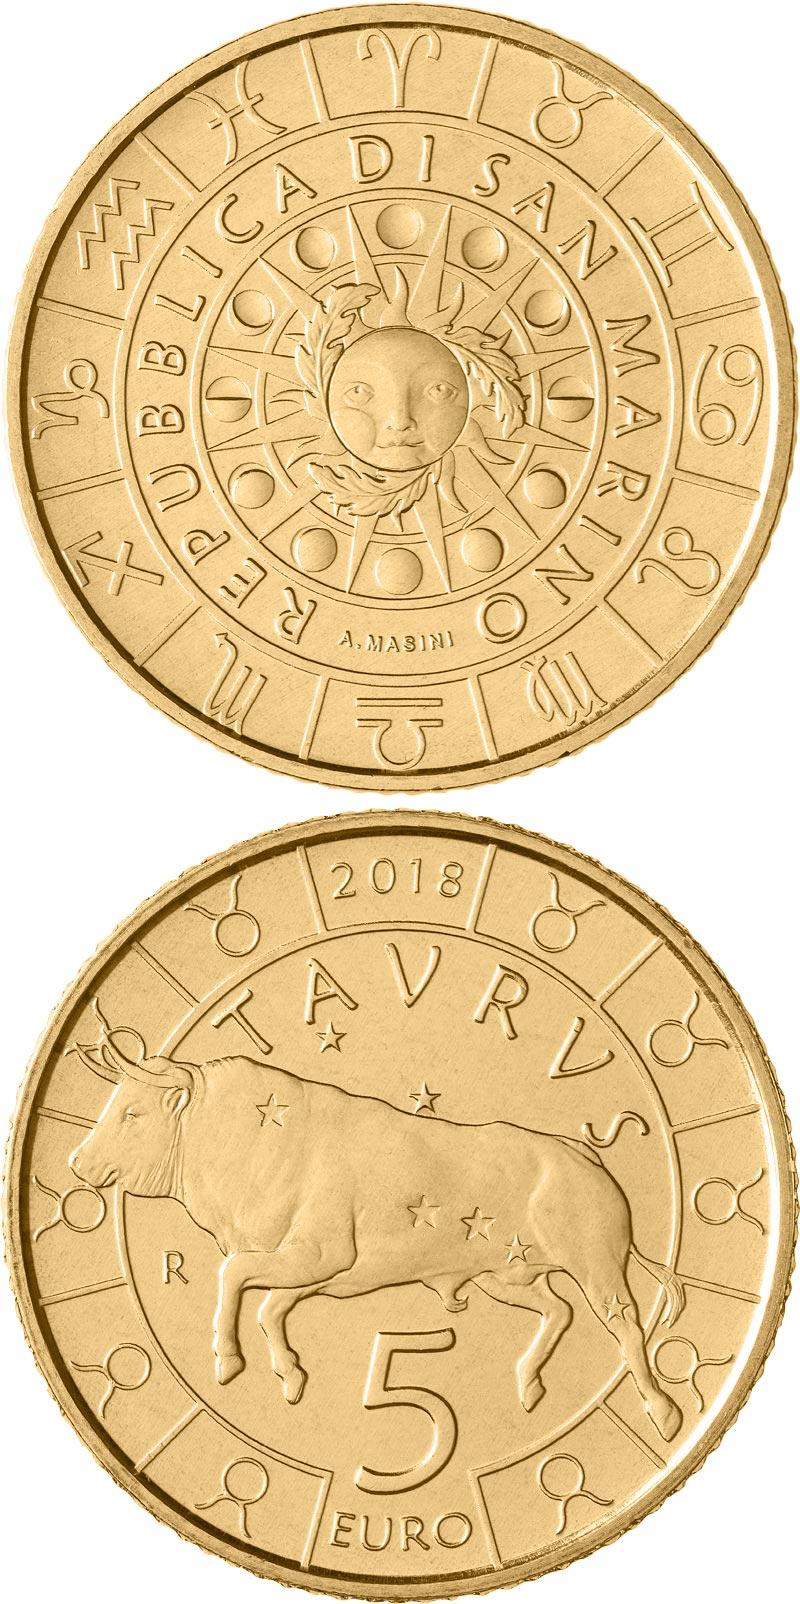 monete realizzate per San marino rovescio